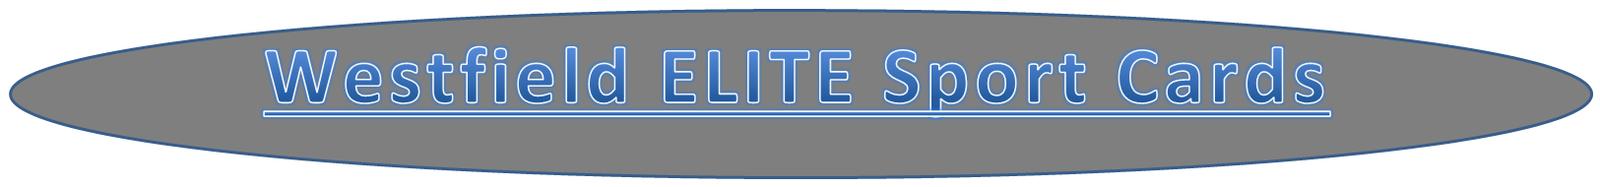 Westfield ELITE SportsCards